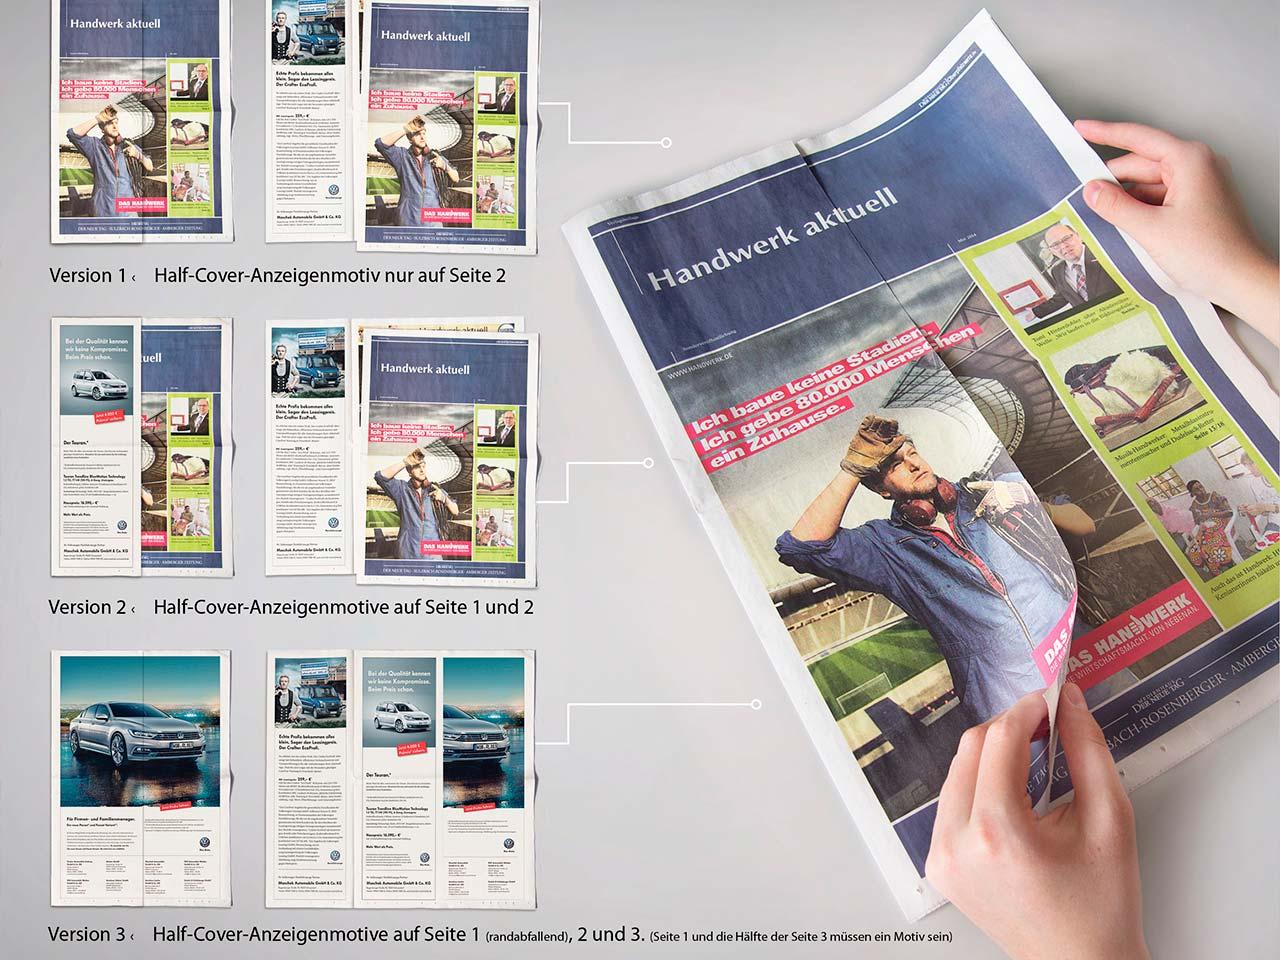 Verschiedene Ansichten von Zeitungen mit Half-Cover-Anzeigenmotiven aus dem Druck von Oberpfalz Medien.